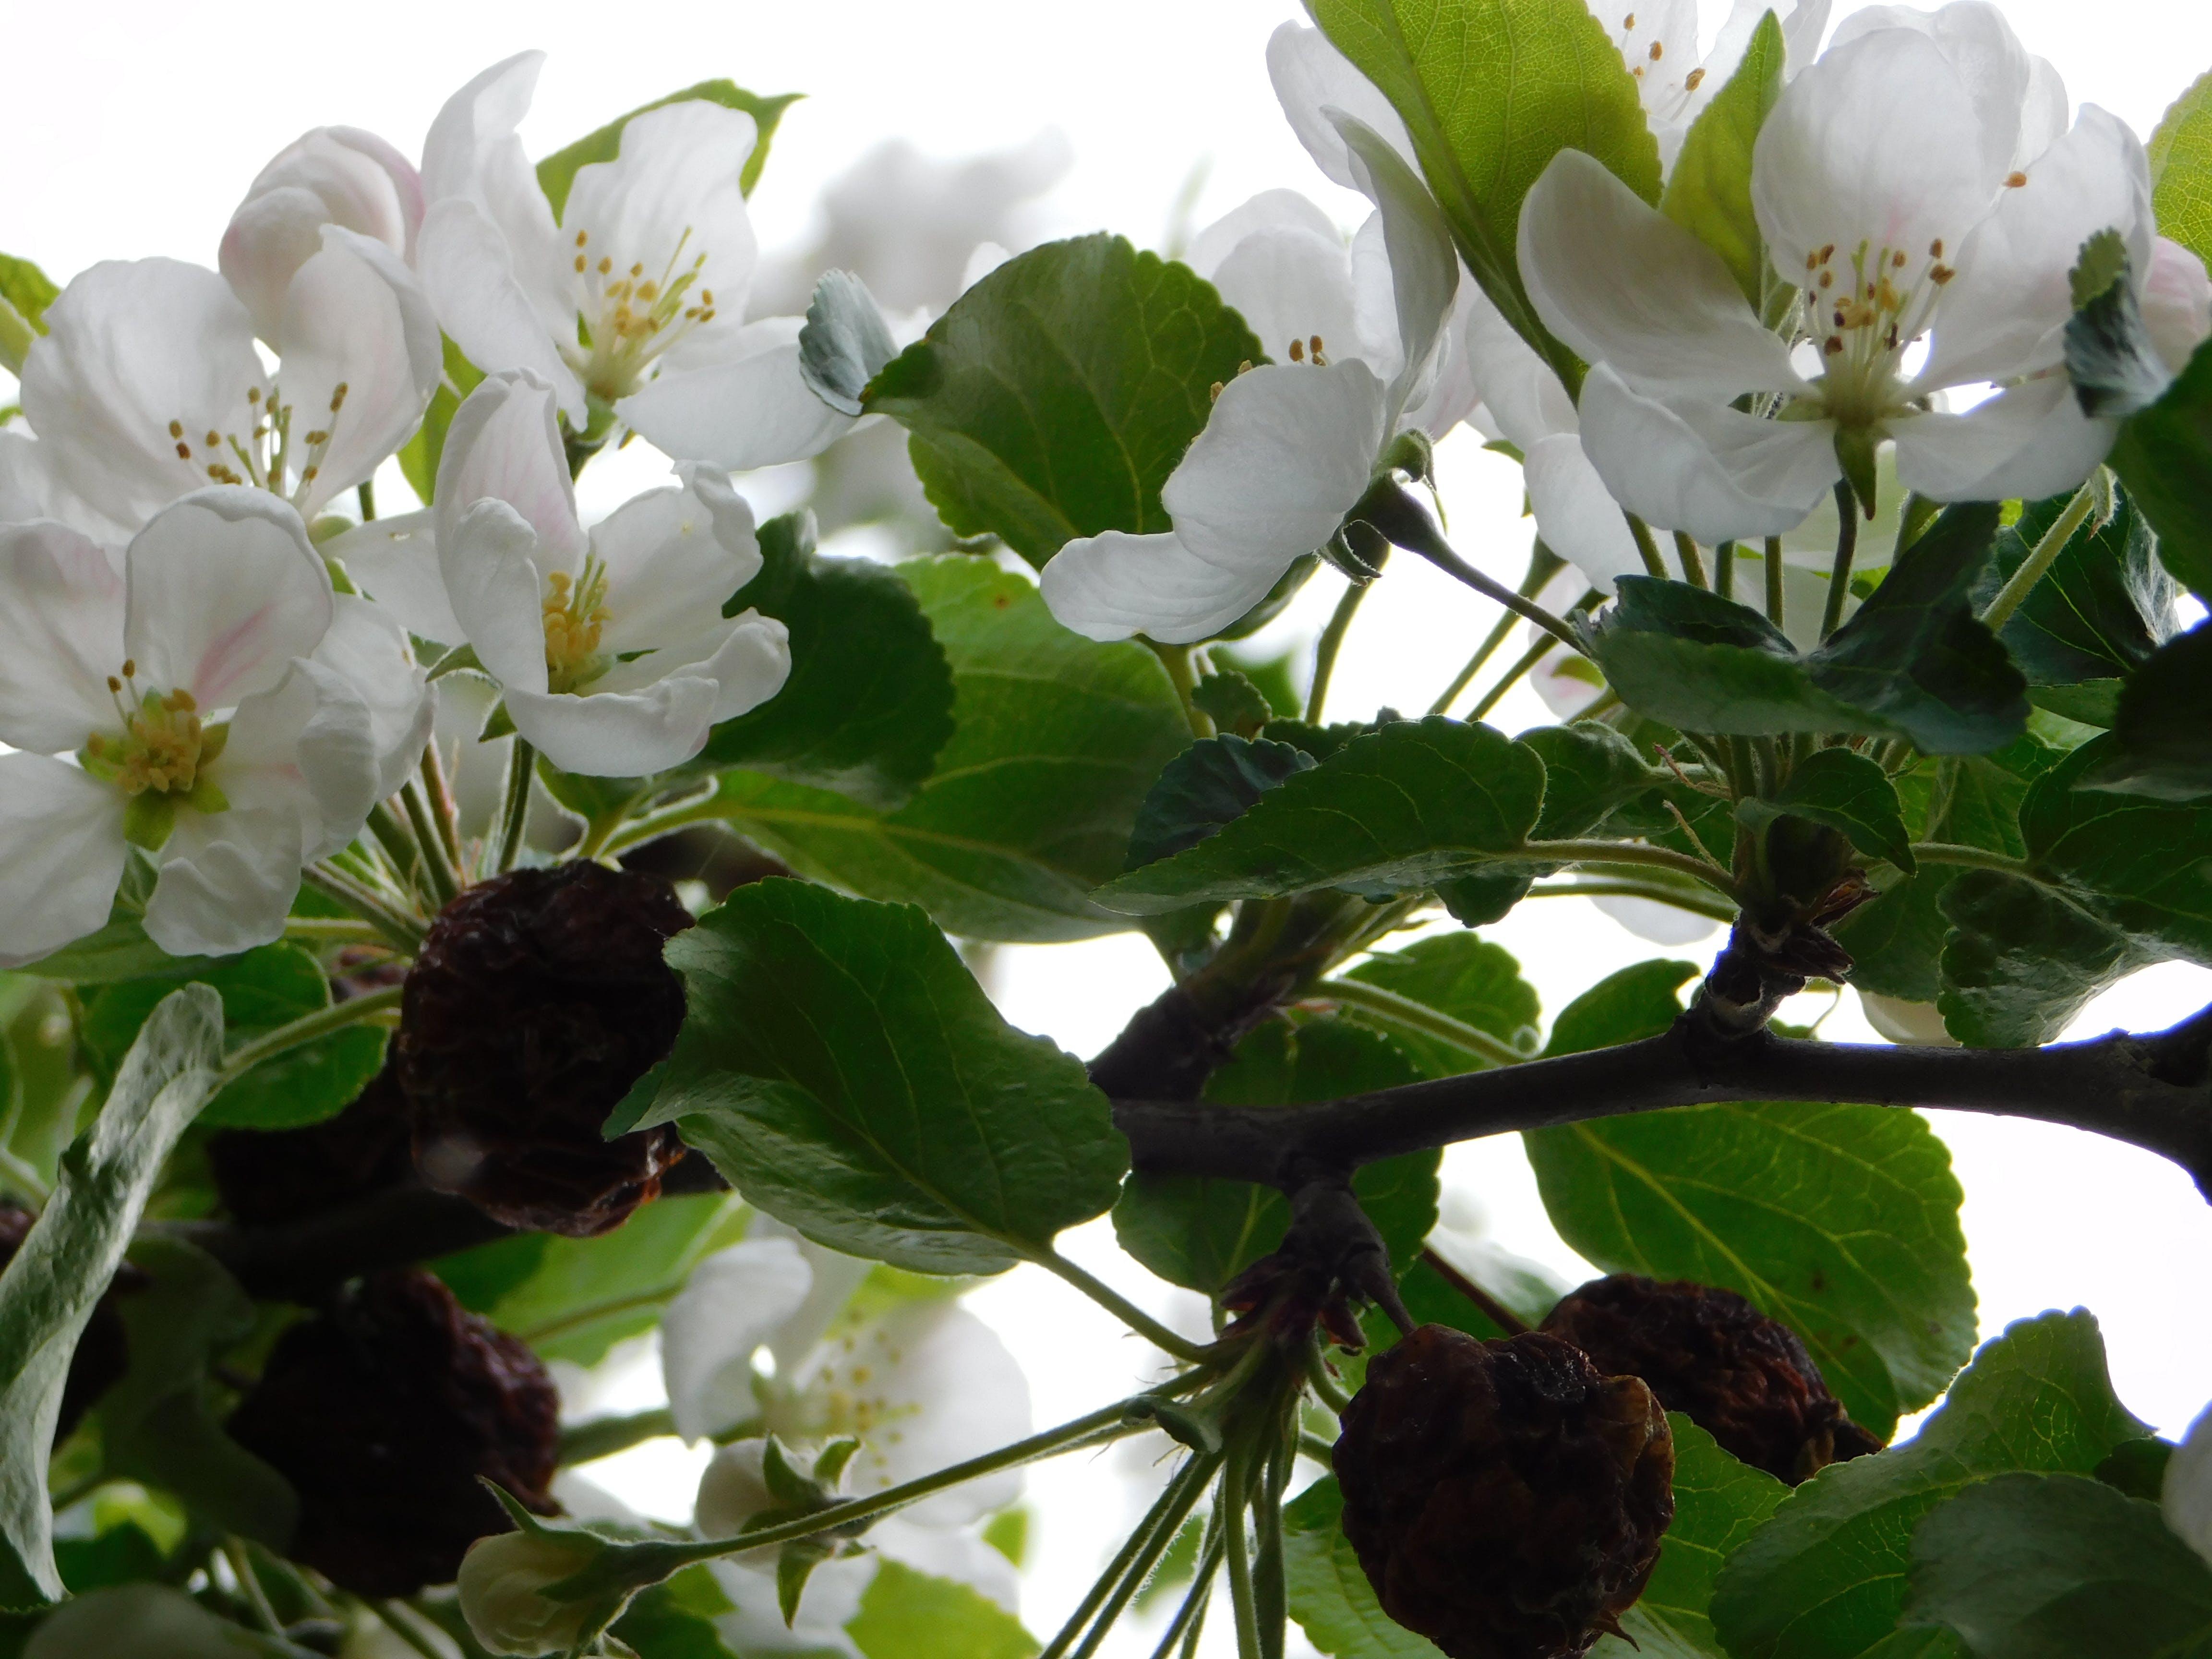 Fotos de stock gratuitas de Flores de primavera